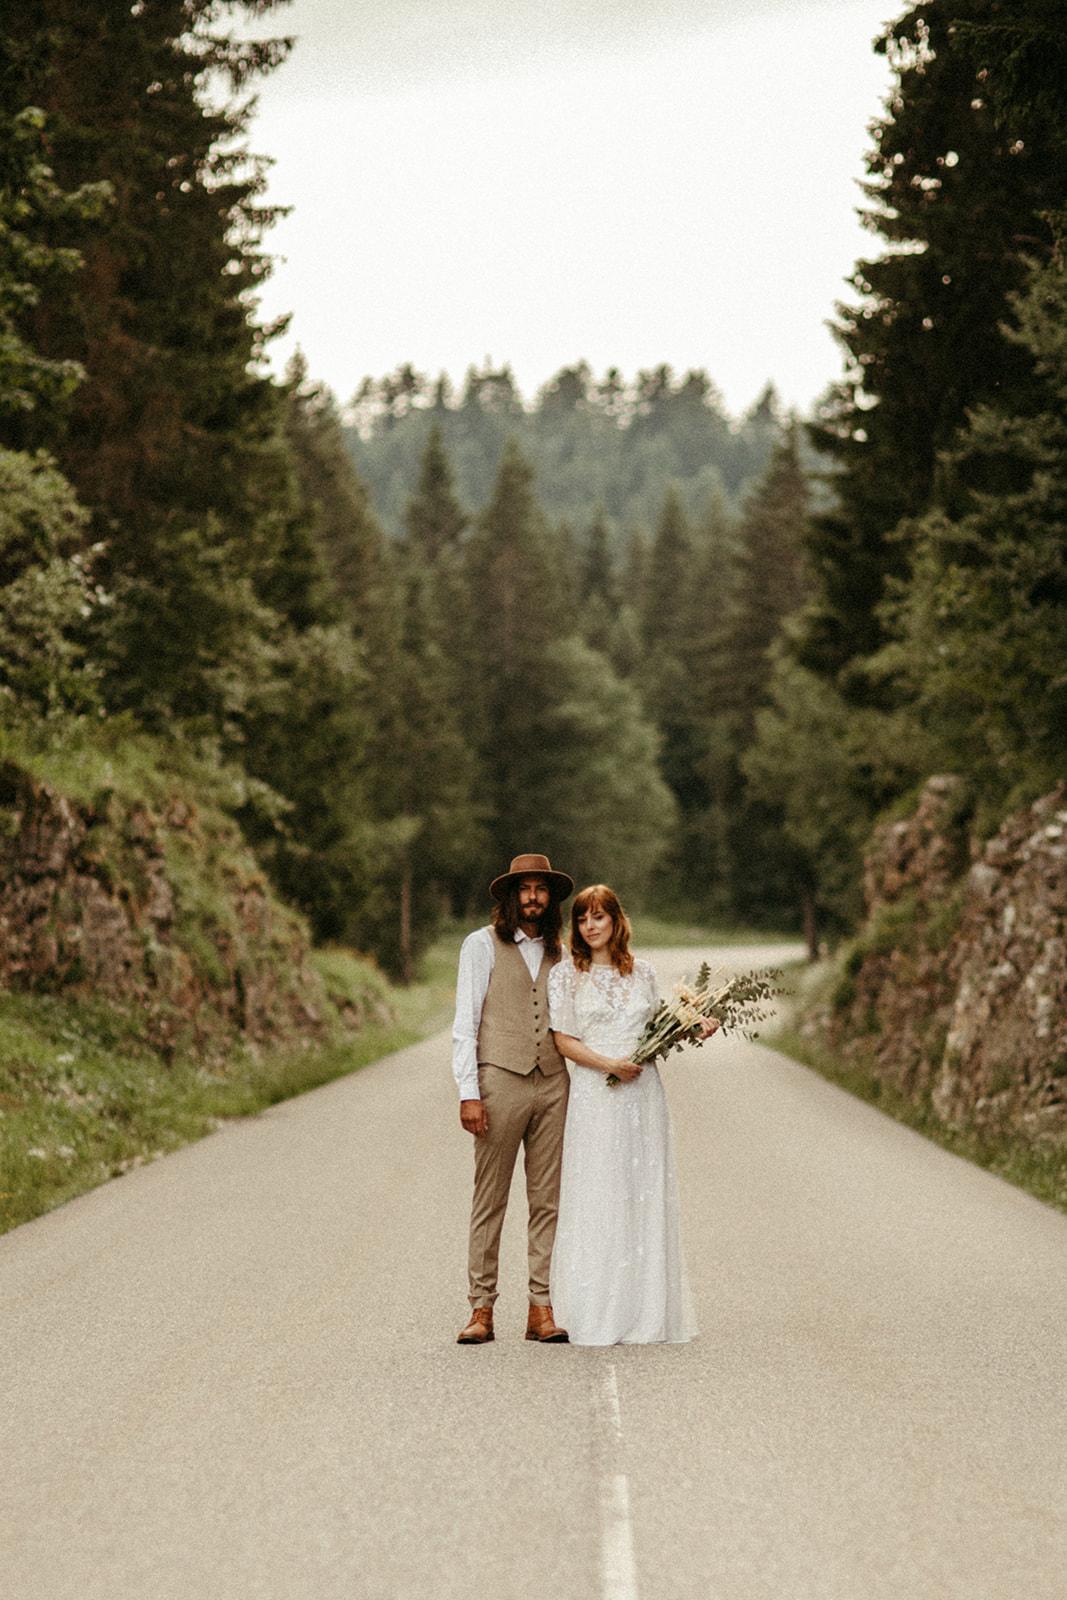 UtopicLovers film photo Mariage Elopement 2019 36 1 - Un elopement folk dans les Alpes françaises.